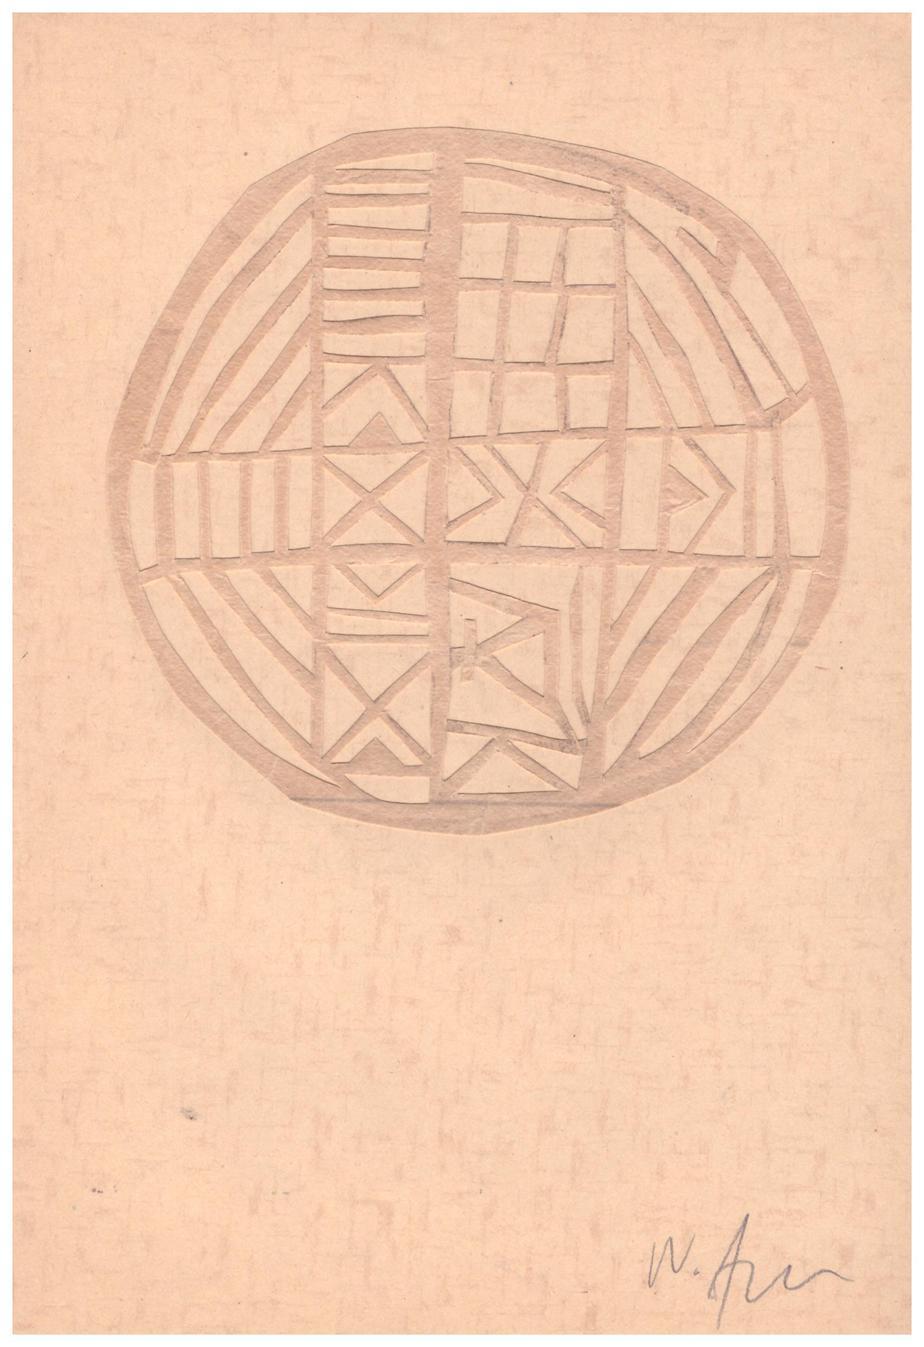 Nikos Alexiou Collage on paper 20.9 x 14.7 cm